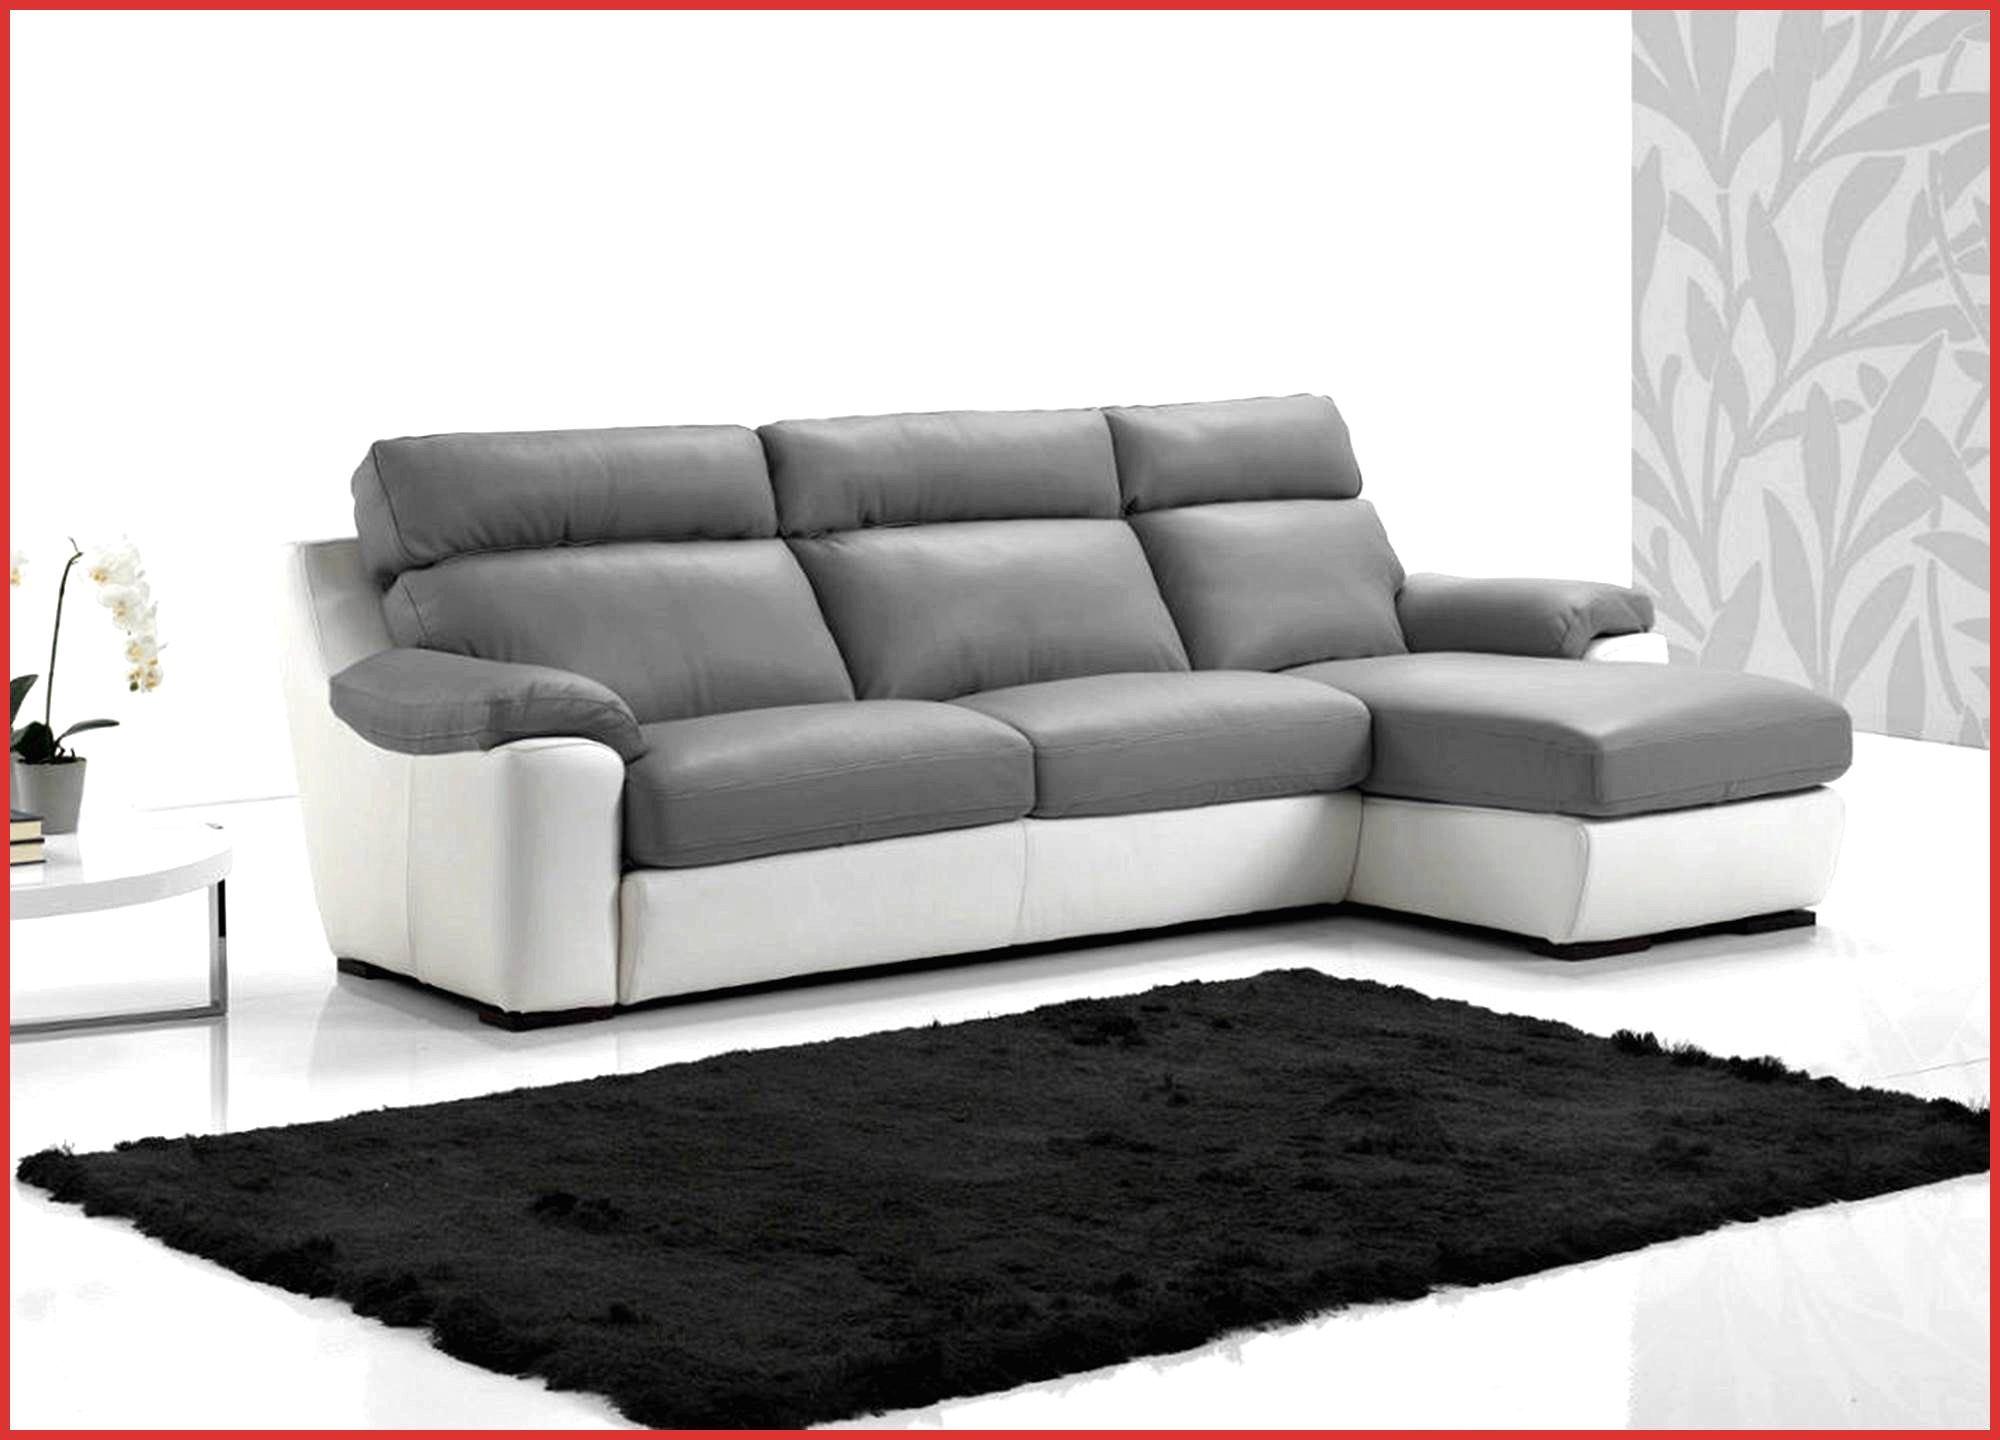 Canapé Angle Cuir Buffle Unique Stock élégant Canapé Cuir Convertible Décor  La Maison Et Intérieur